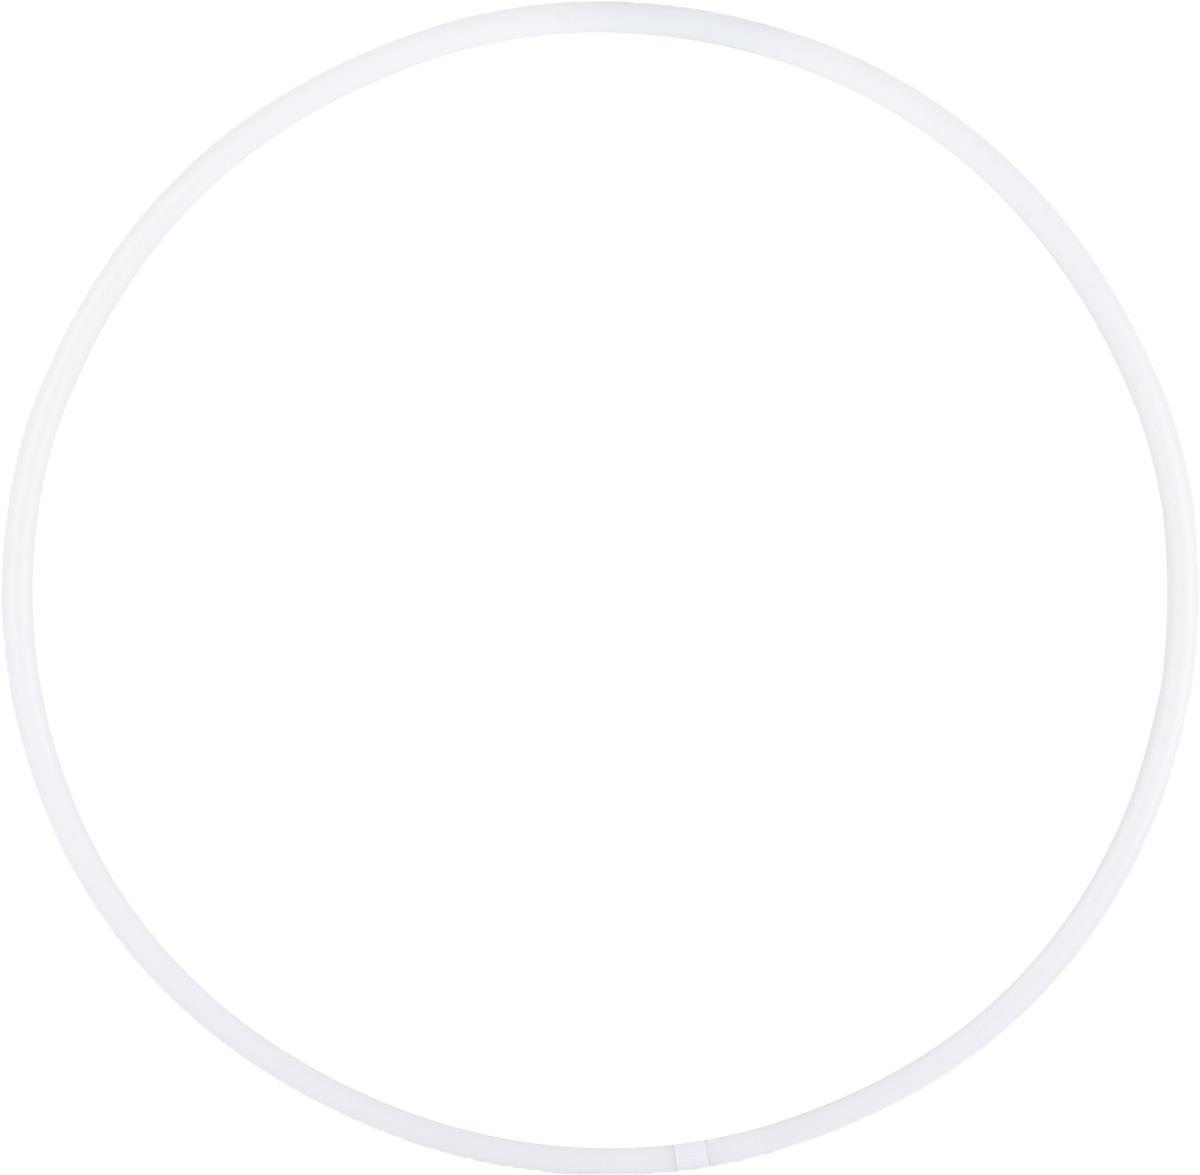 Обруч для художественной гимнастики Amely AGO-101, диаметр 65 см, цвет: белый мяч для художественной гимнастики amely agr 101 диаметр 15 см цвет синий белый